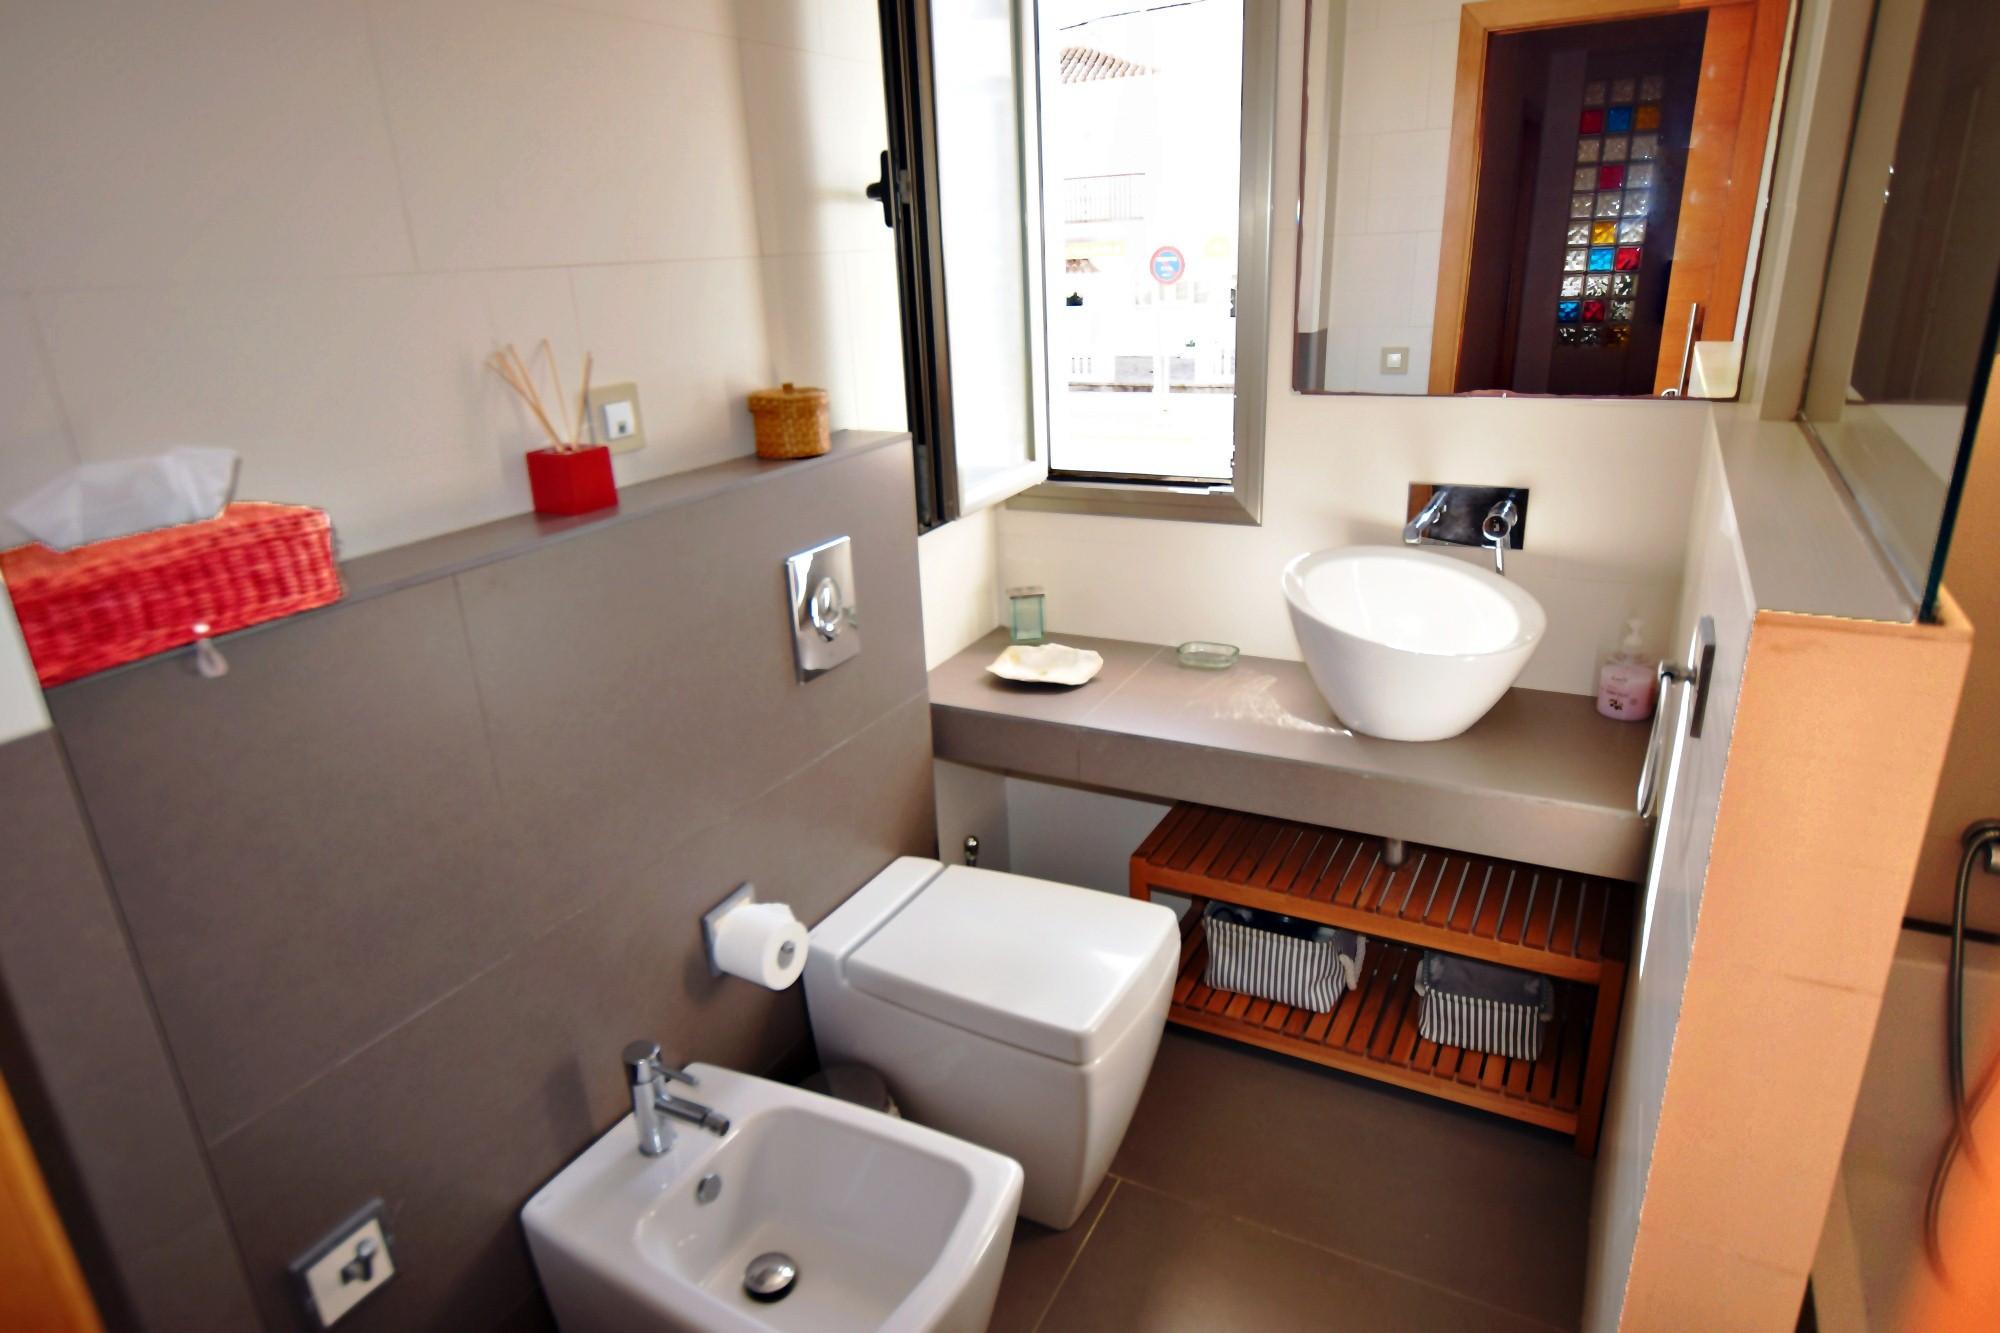 Aires de Zahara - Baño Dormitorio 1 y 2